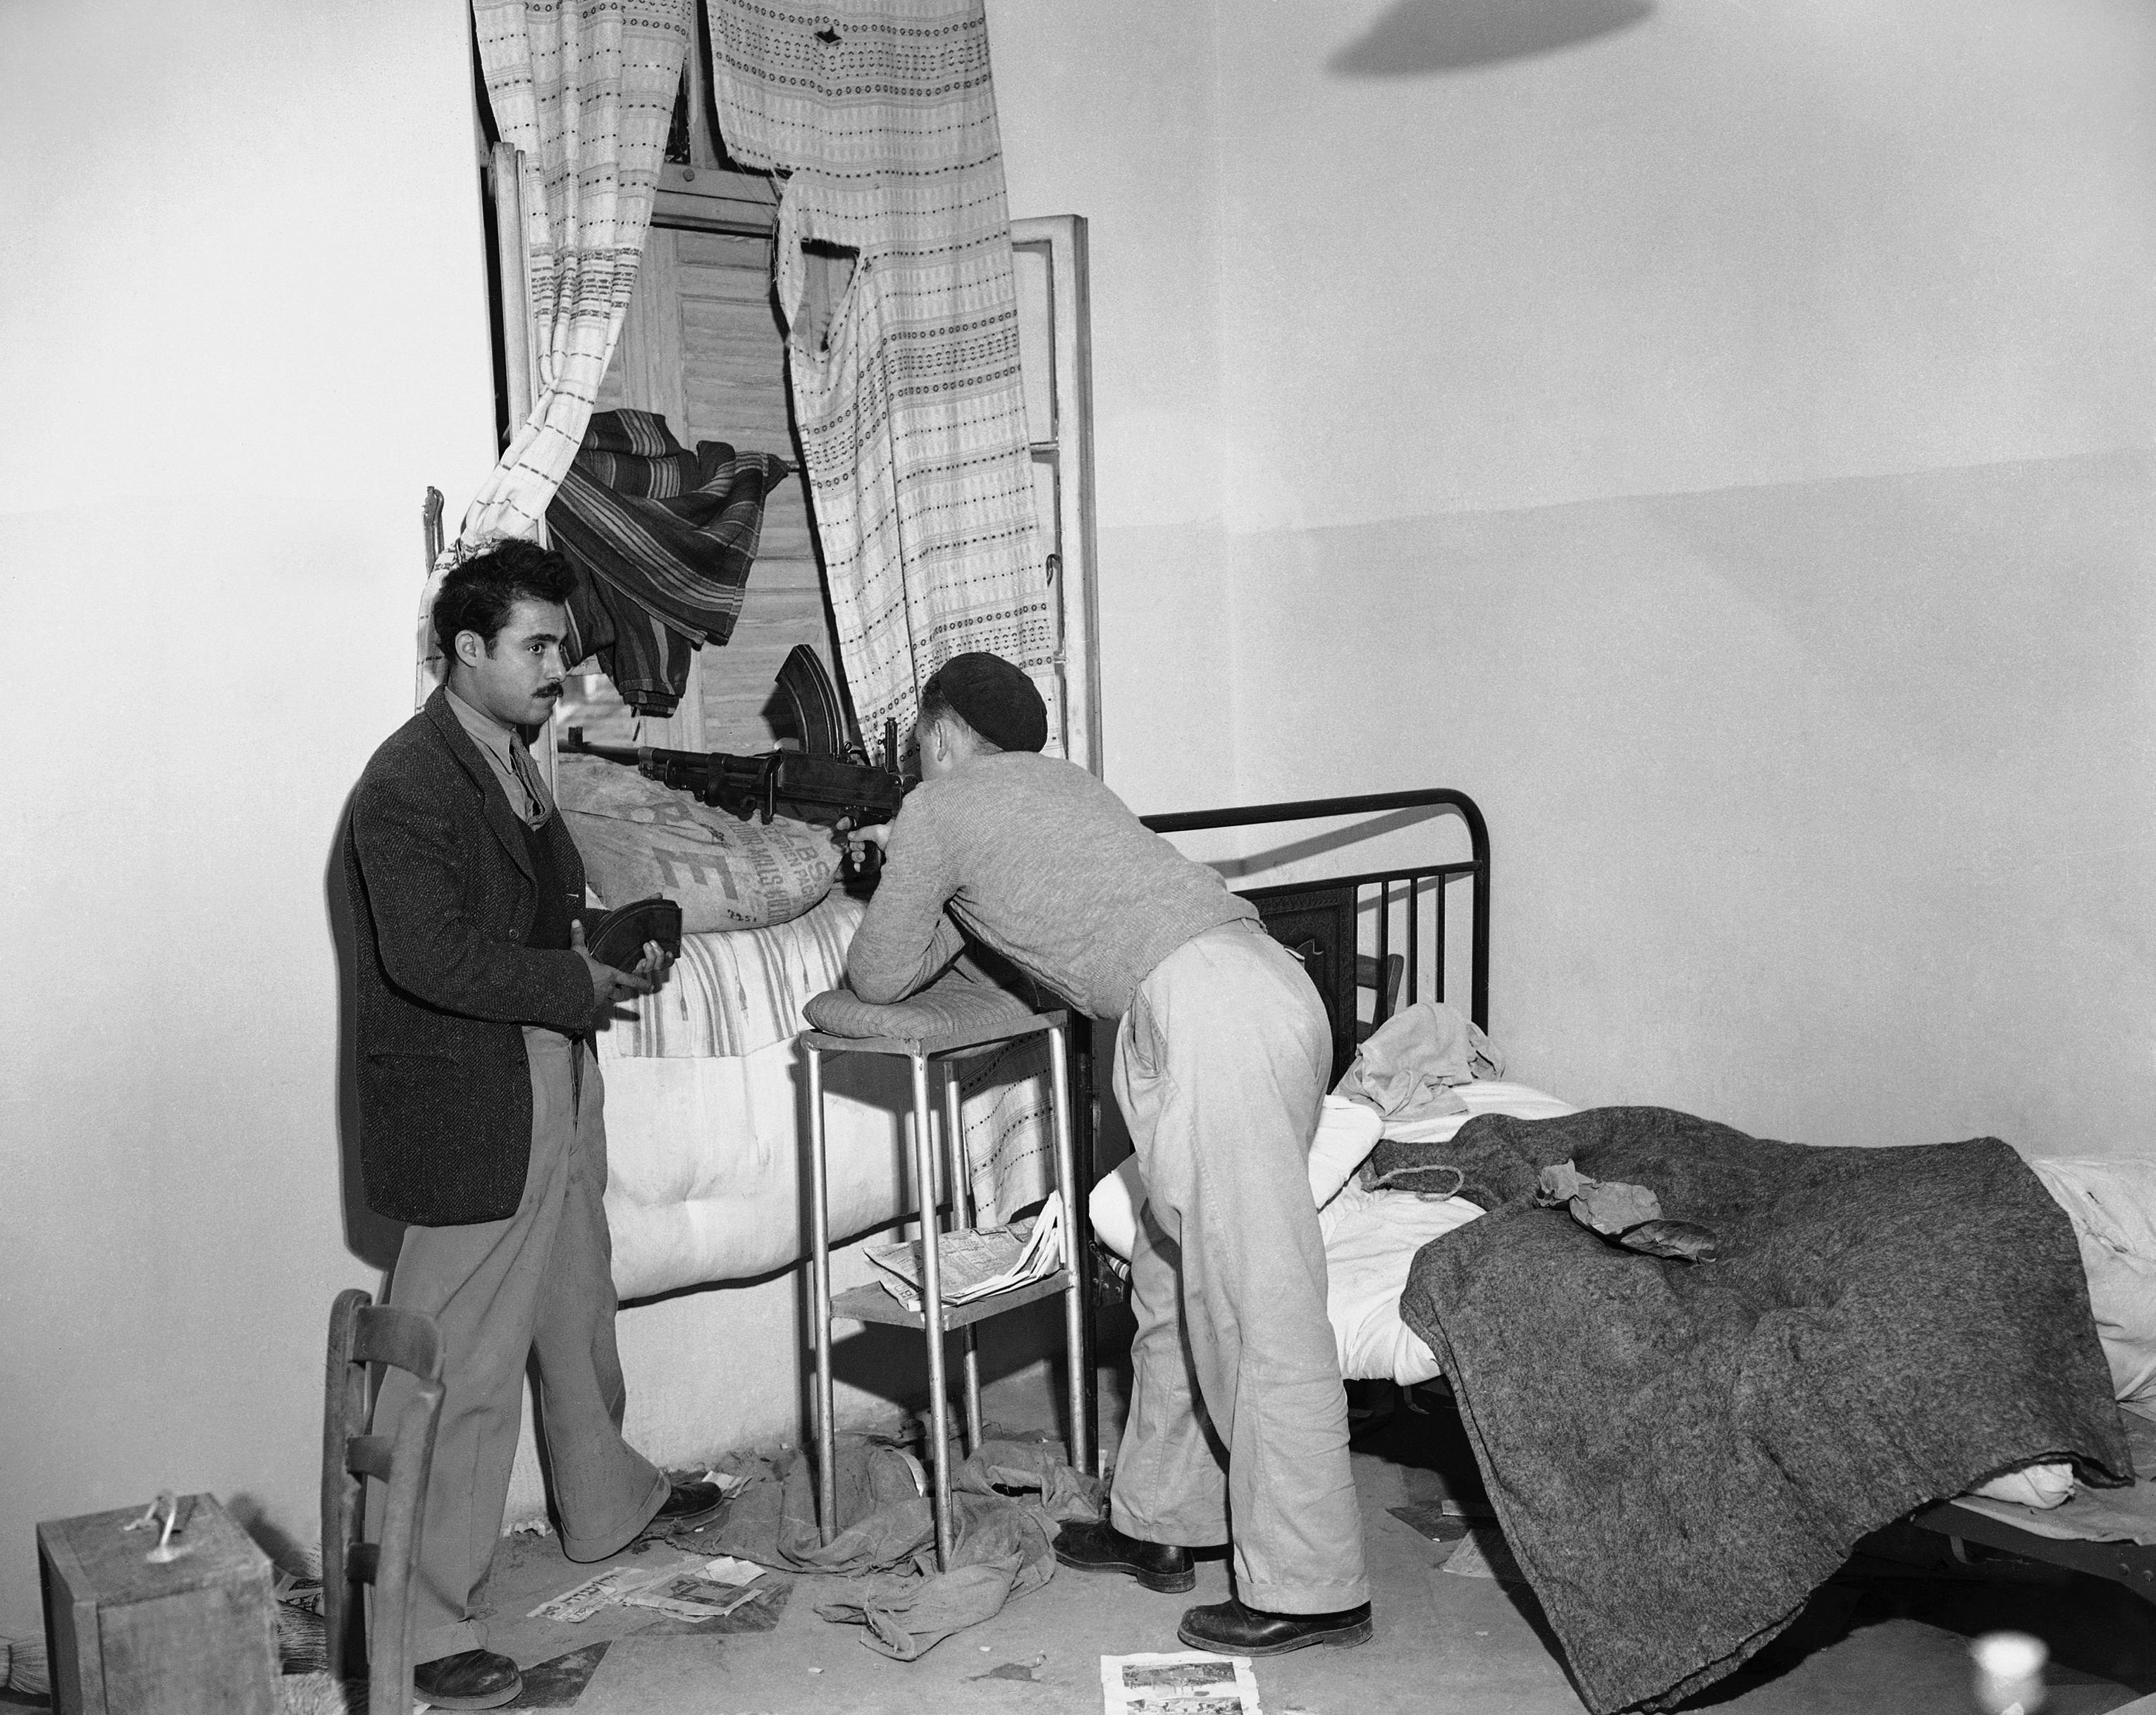 Два еврея из Иргун, вооруженные ручным пулемётом Брена и револьвером охраняют дом в квартале Маншиа на границе Тель-Авив-Яффо. 8 января